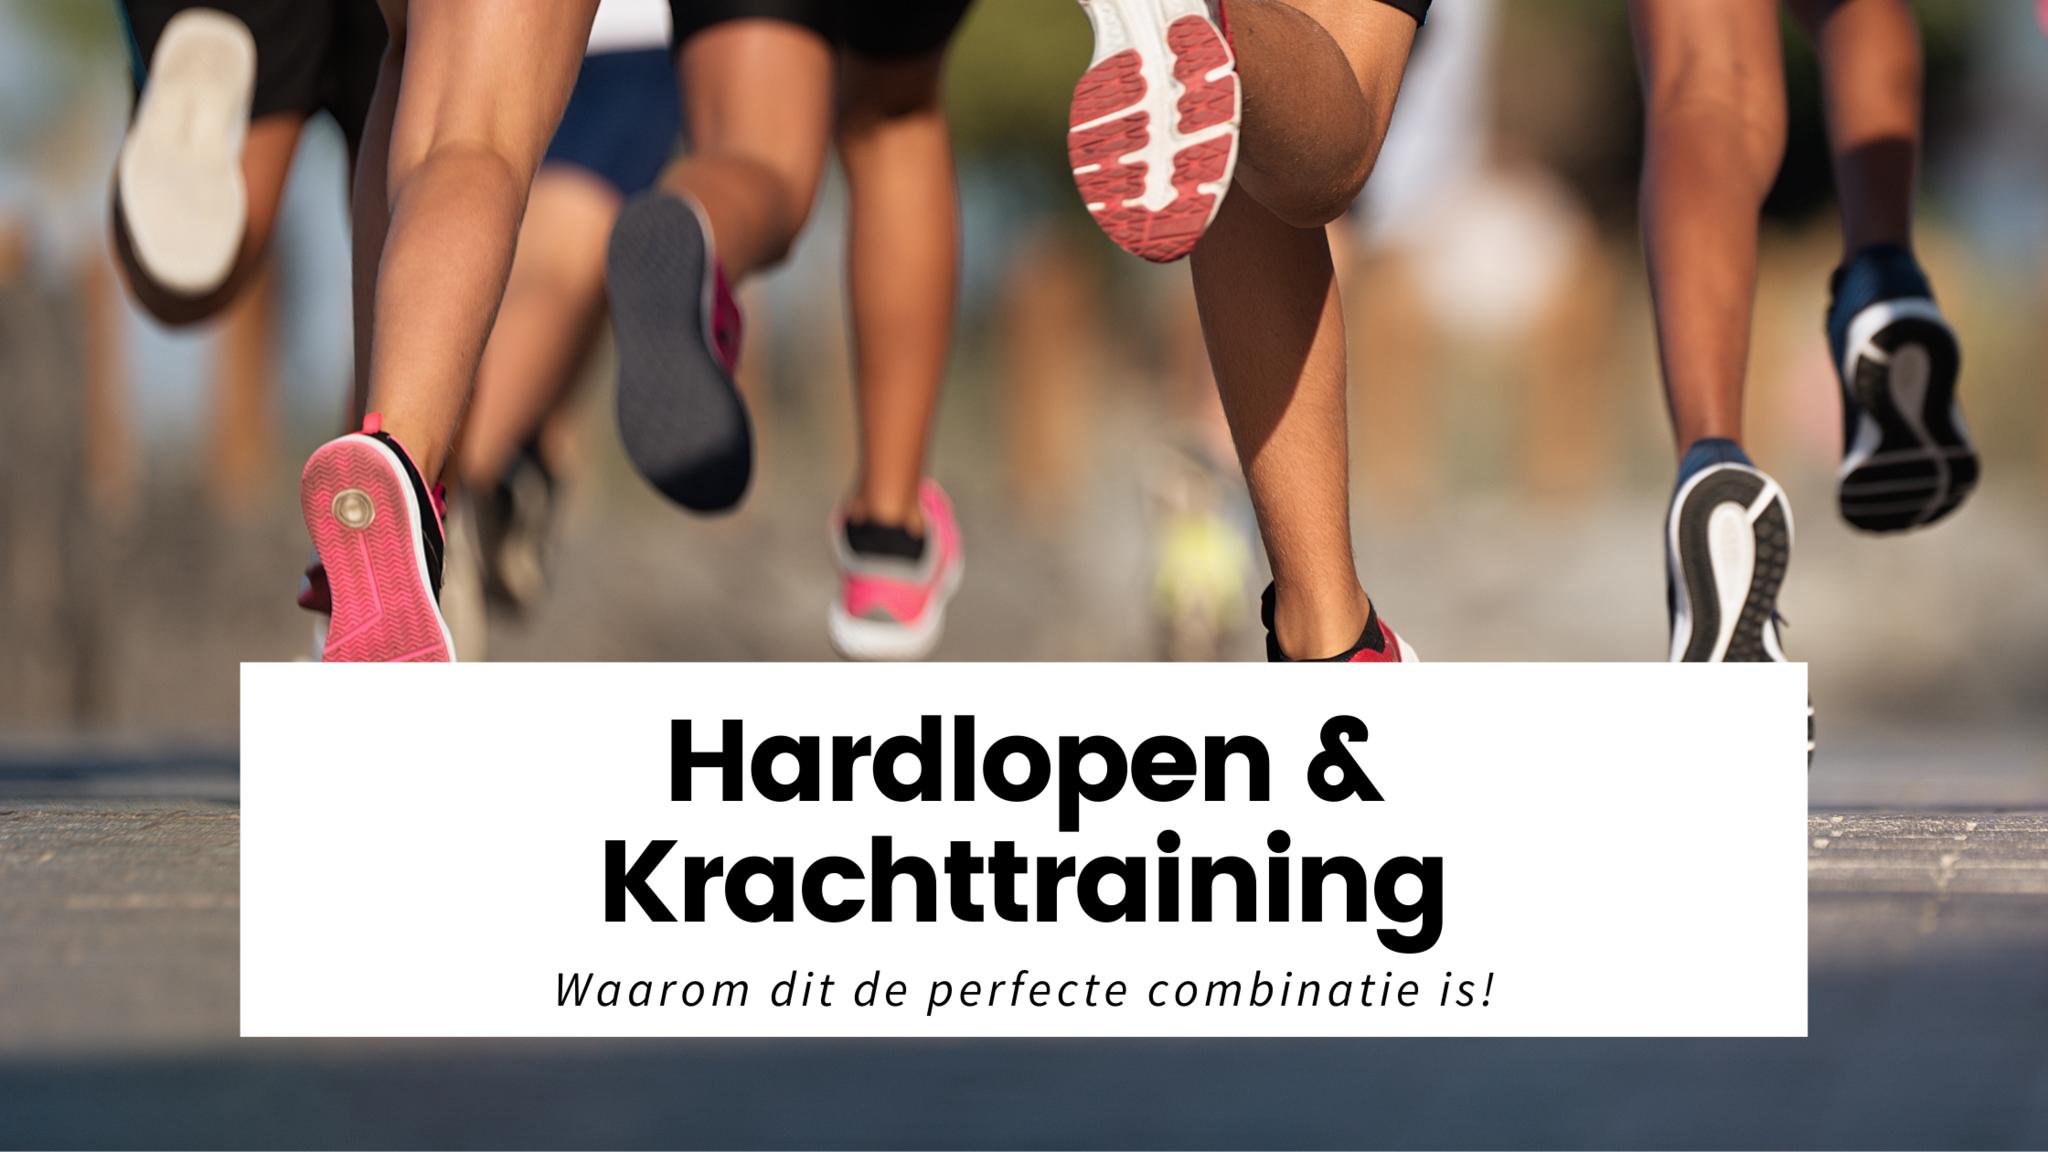 Krachttraining naast het hardlopen - de ideale combinatie